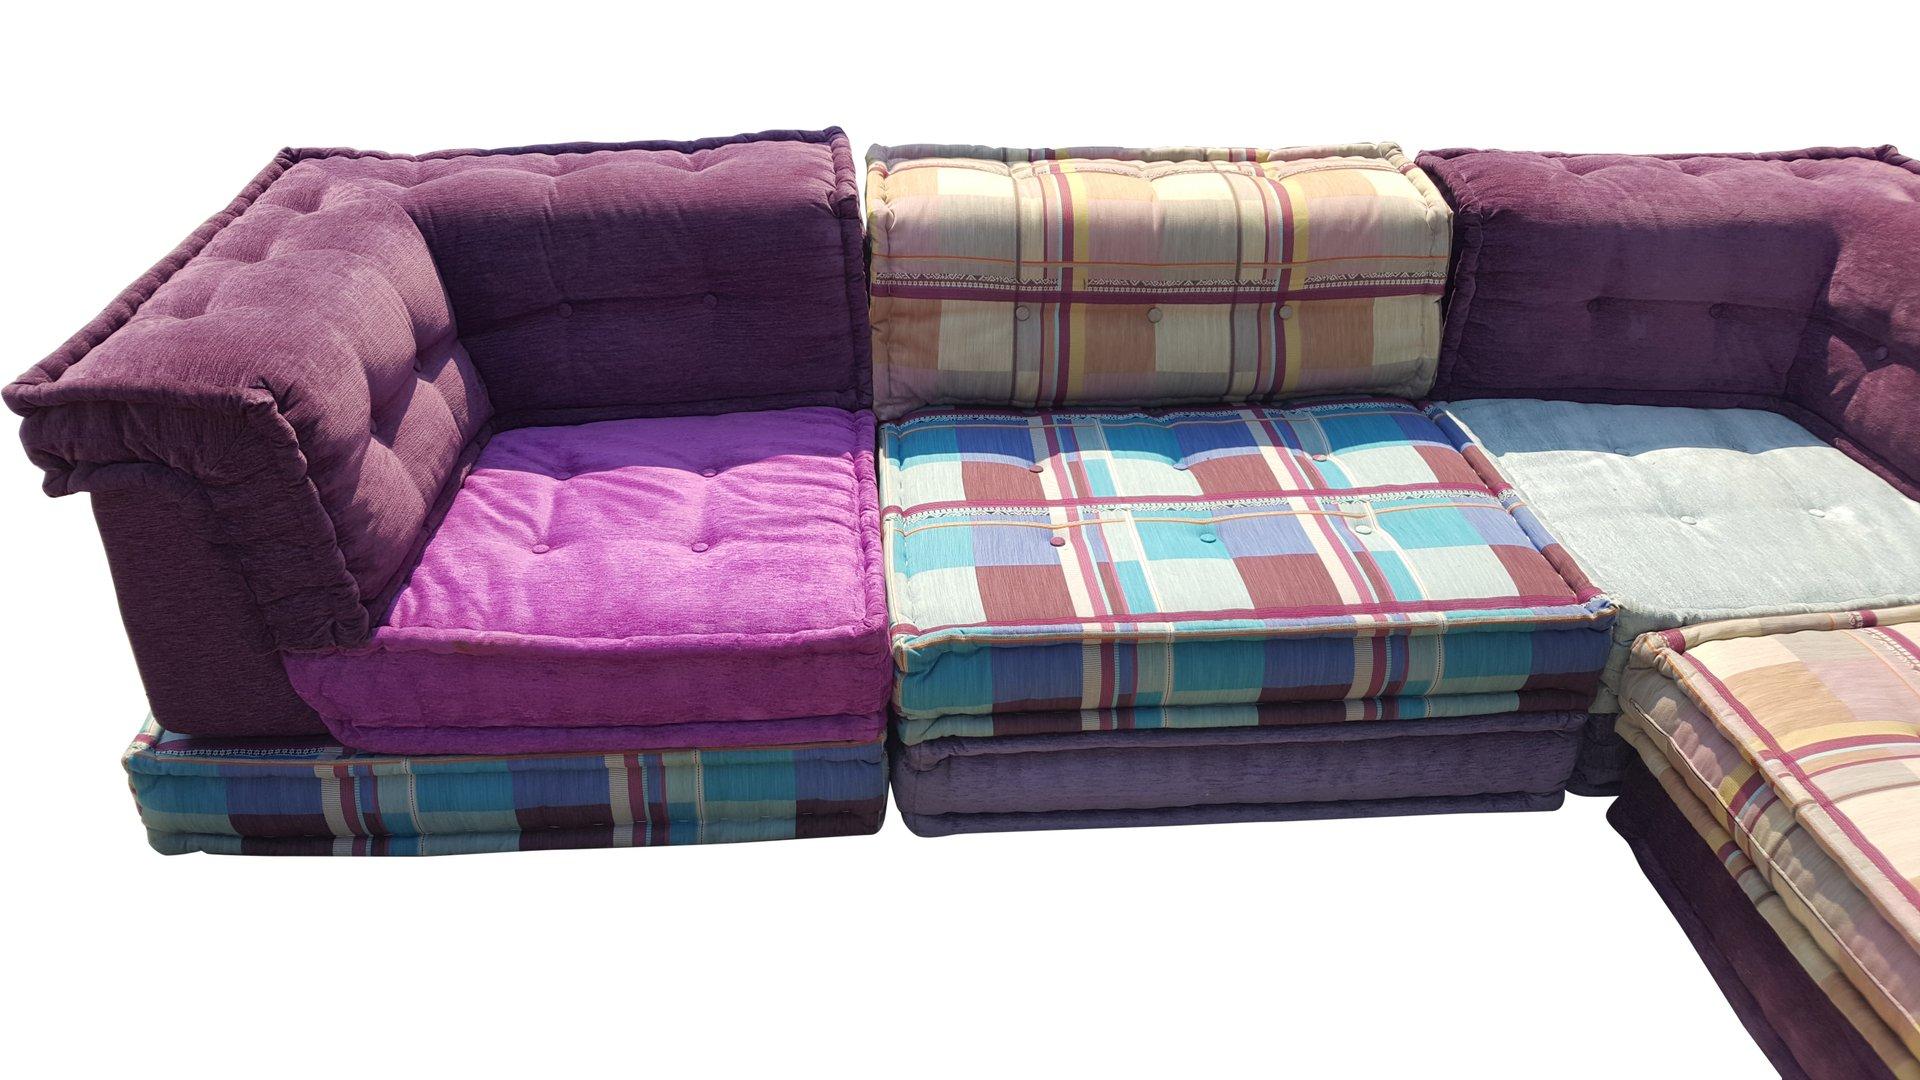 Mah Jong Modular Sofa By Hopfer Hans For Roche Bobois